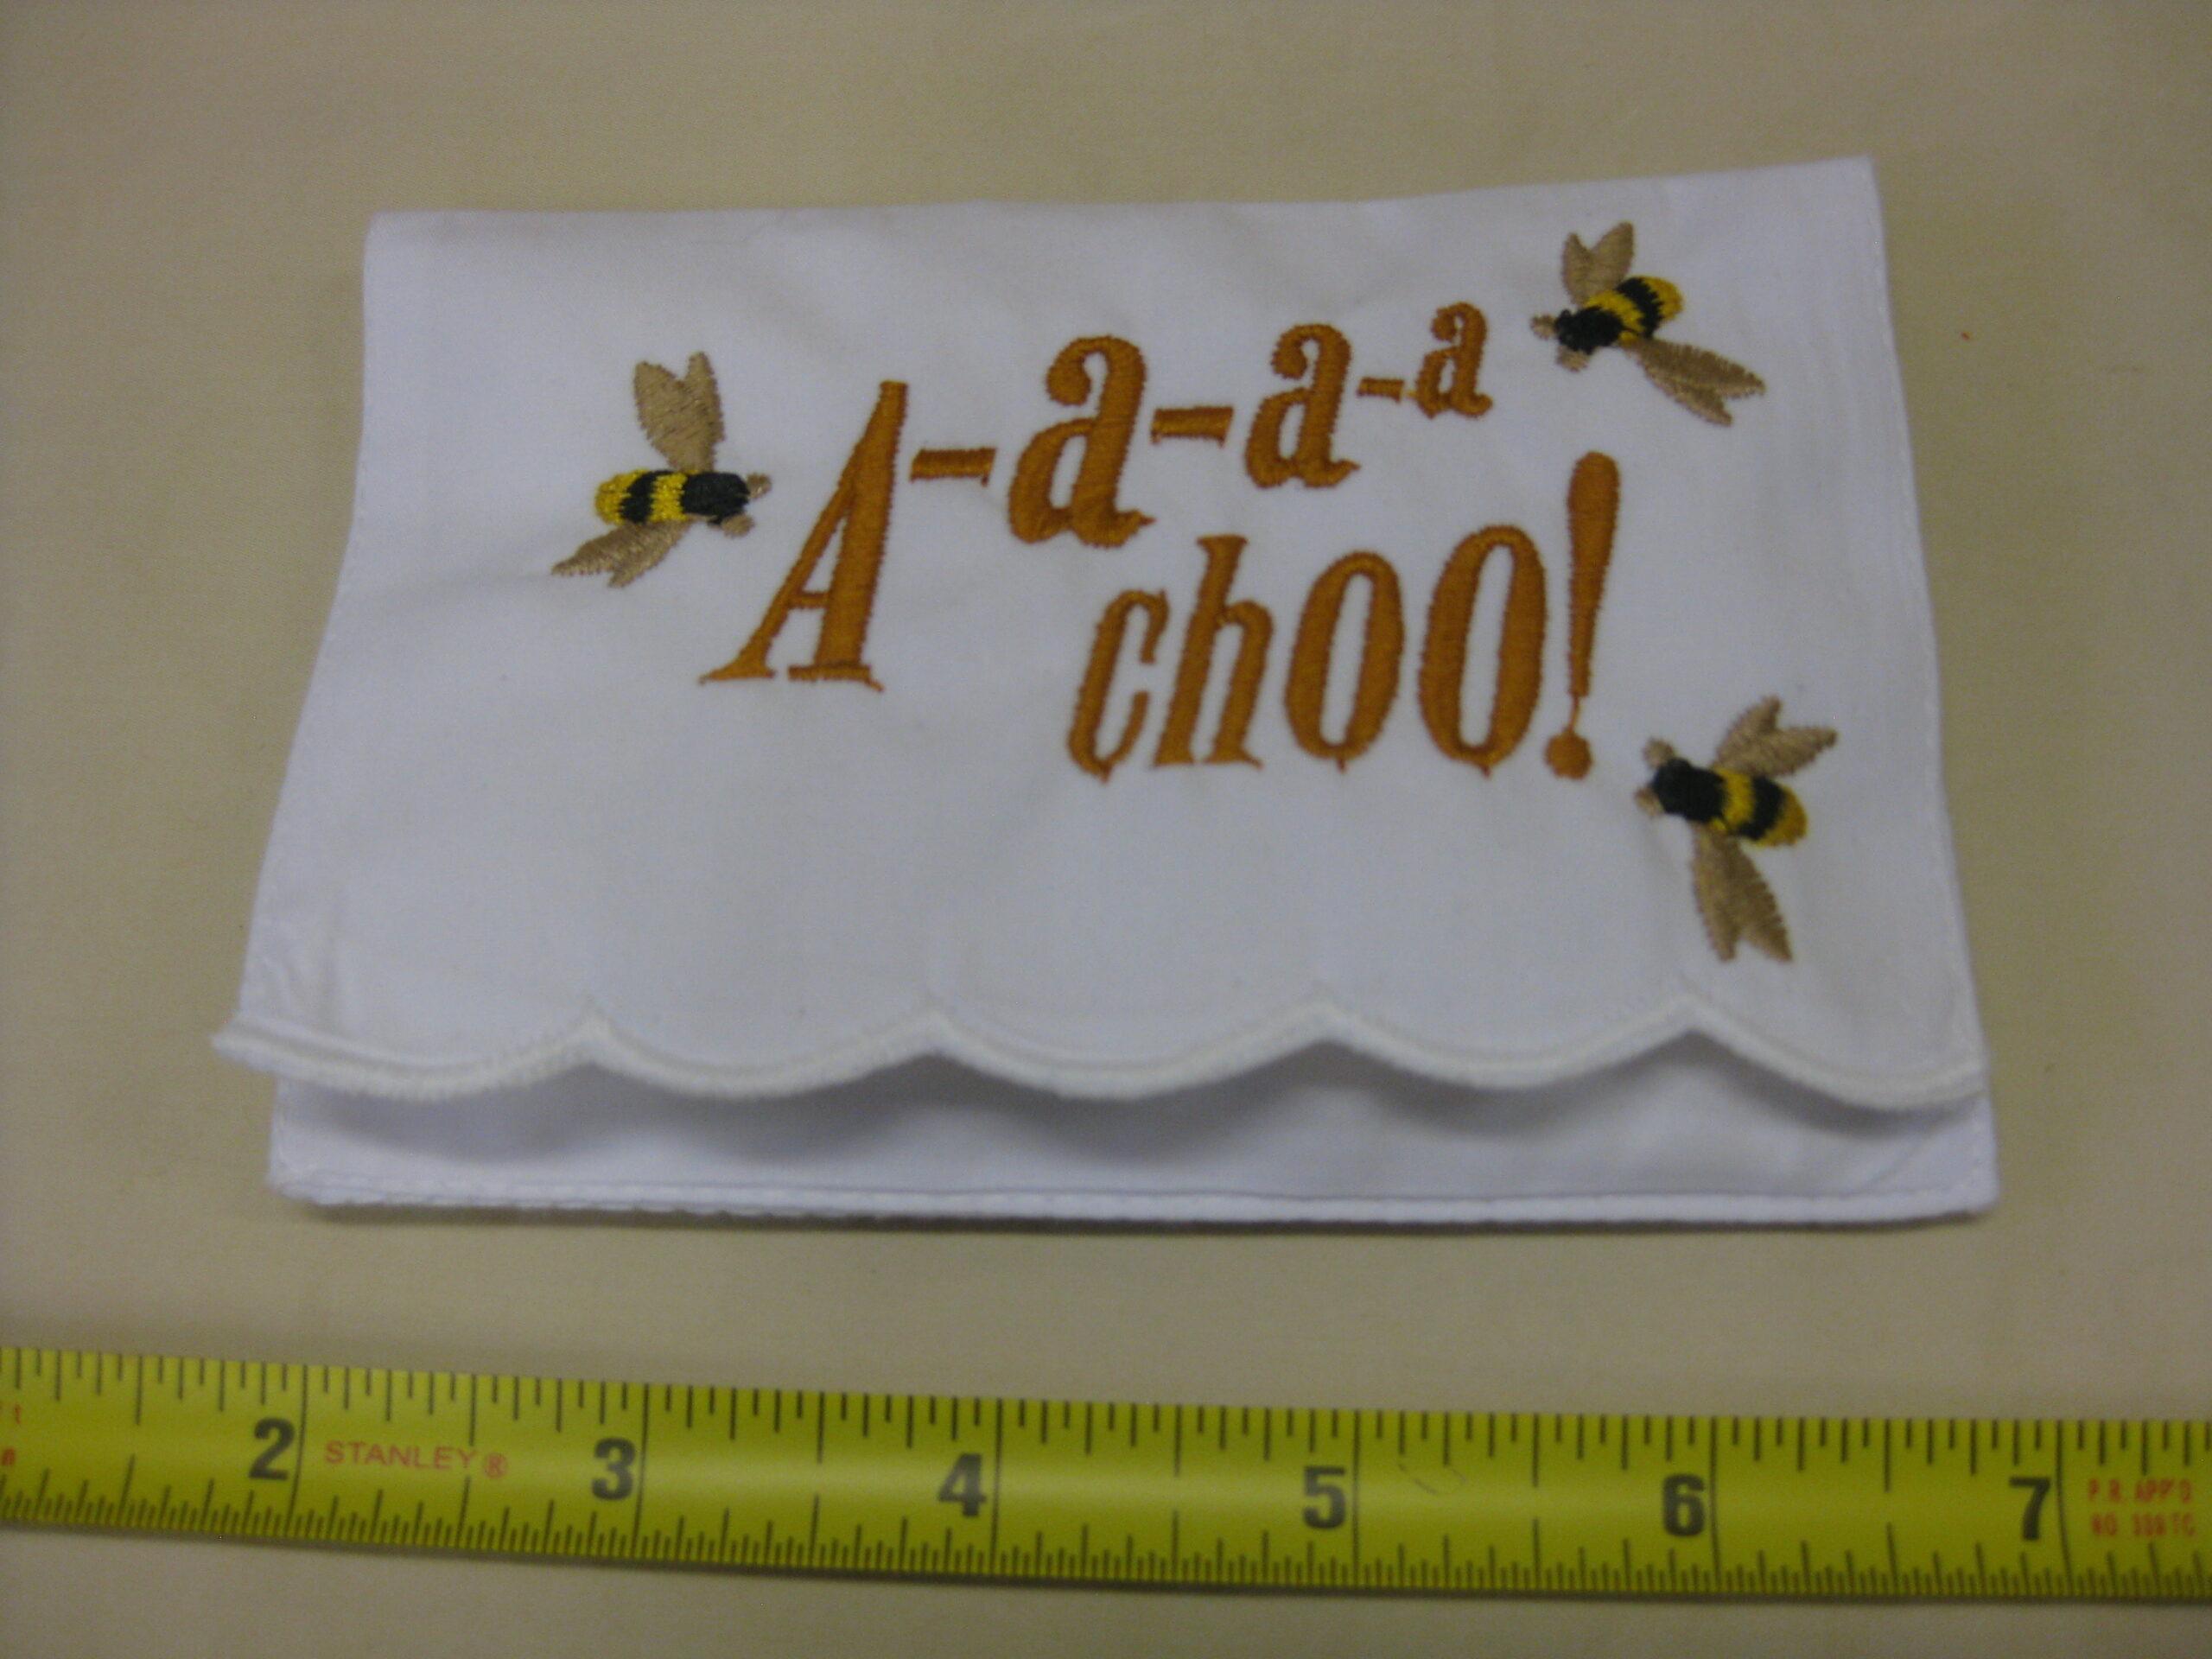 A-a-a-a-choo! tissue holder